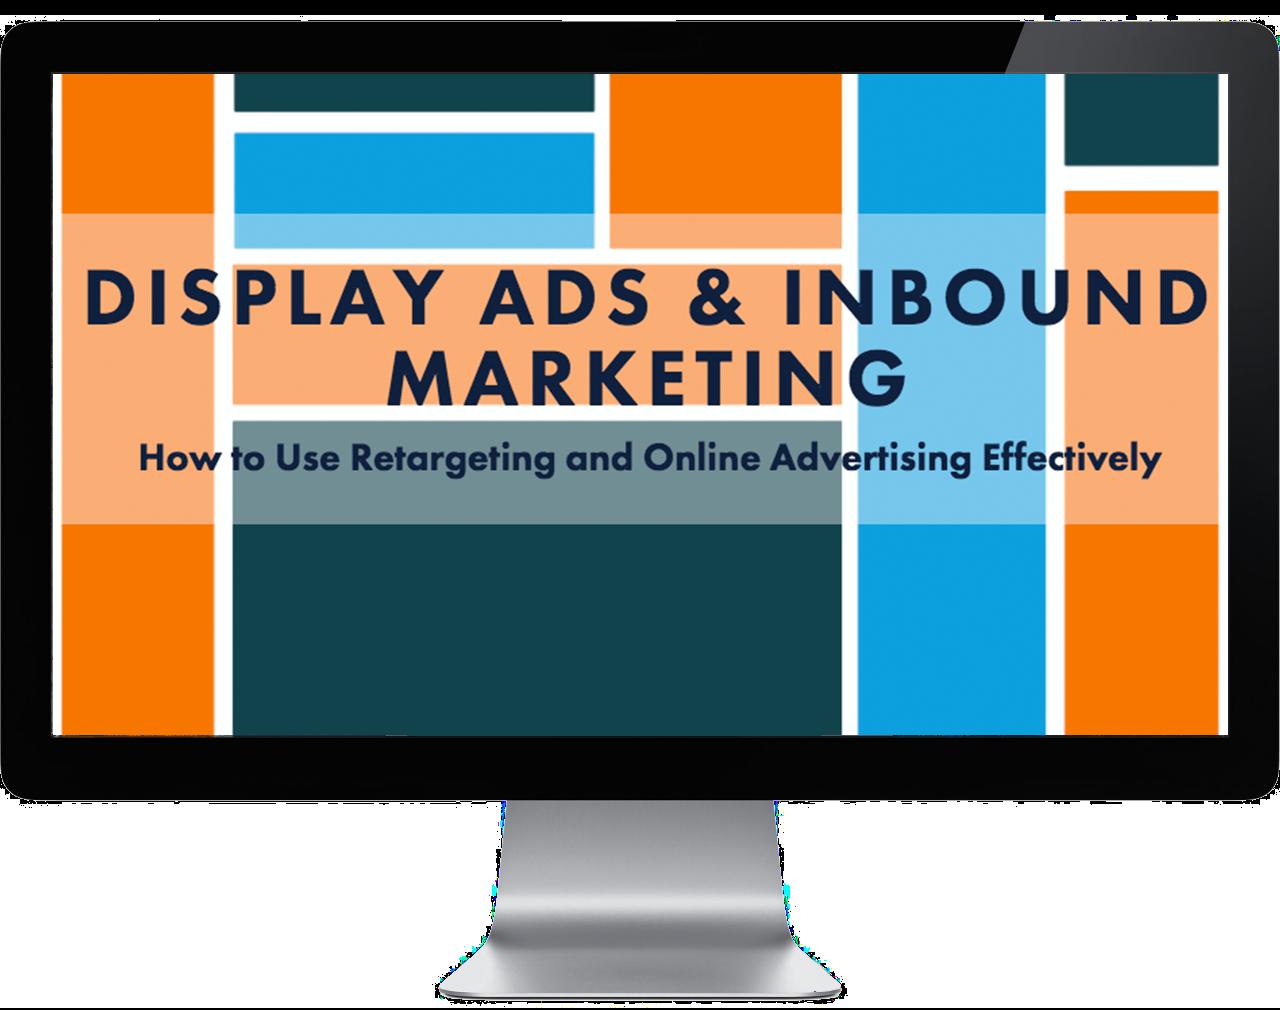 Display Ads & Inbound Marketing